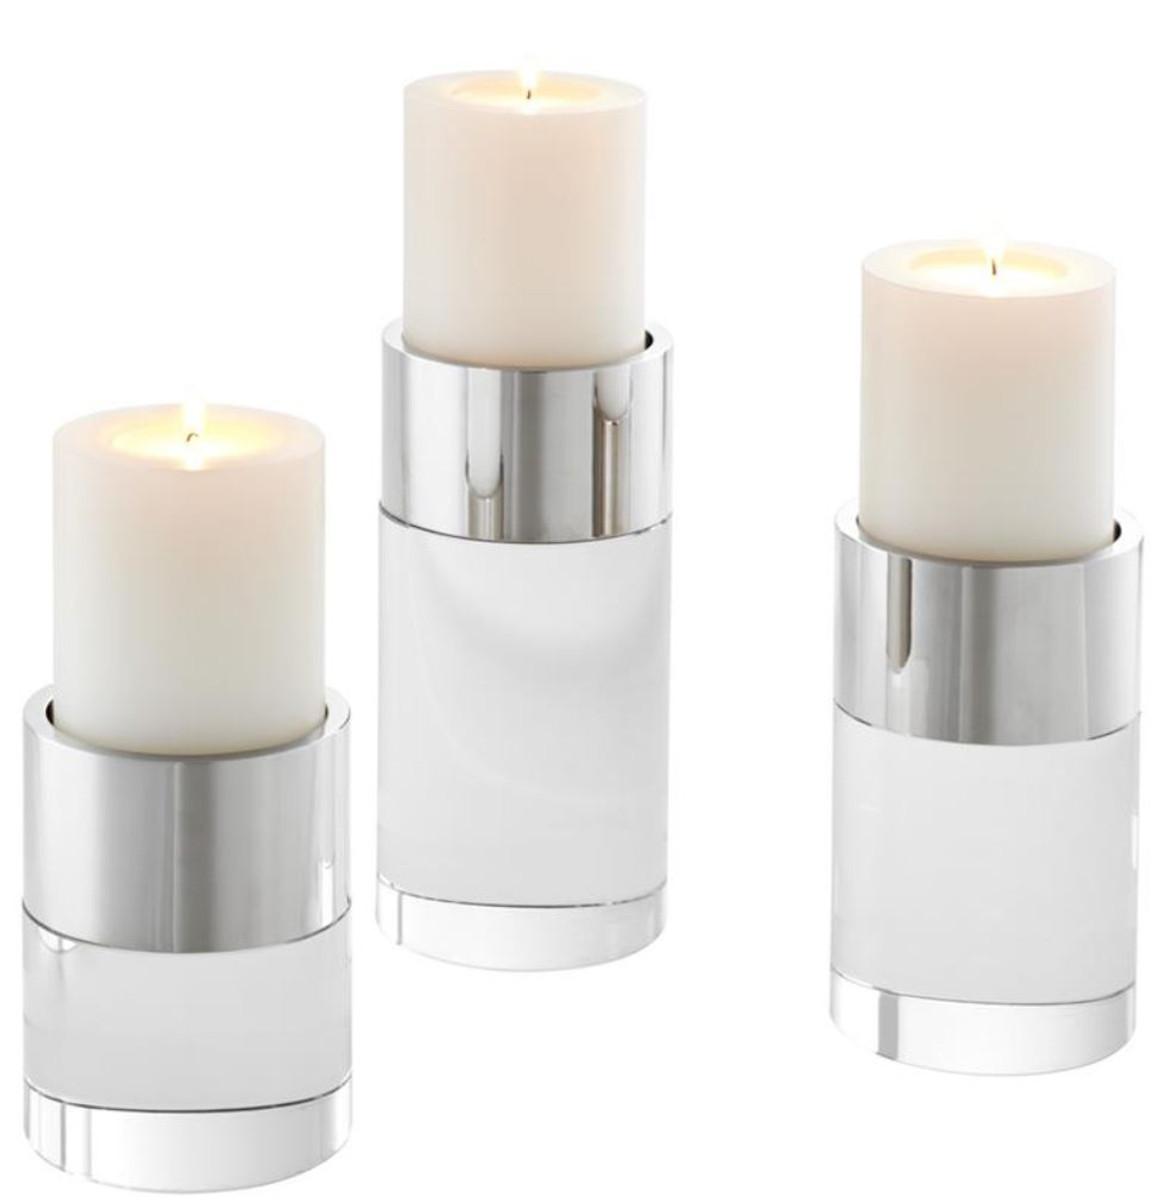 Casa Padrino Luxus Kristallglas Kerzenhalter Set Silber - Wohnzimmer Deko